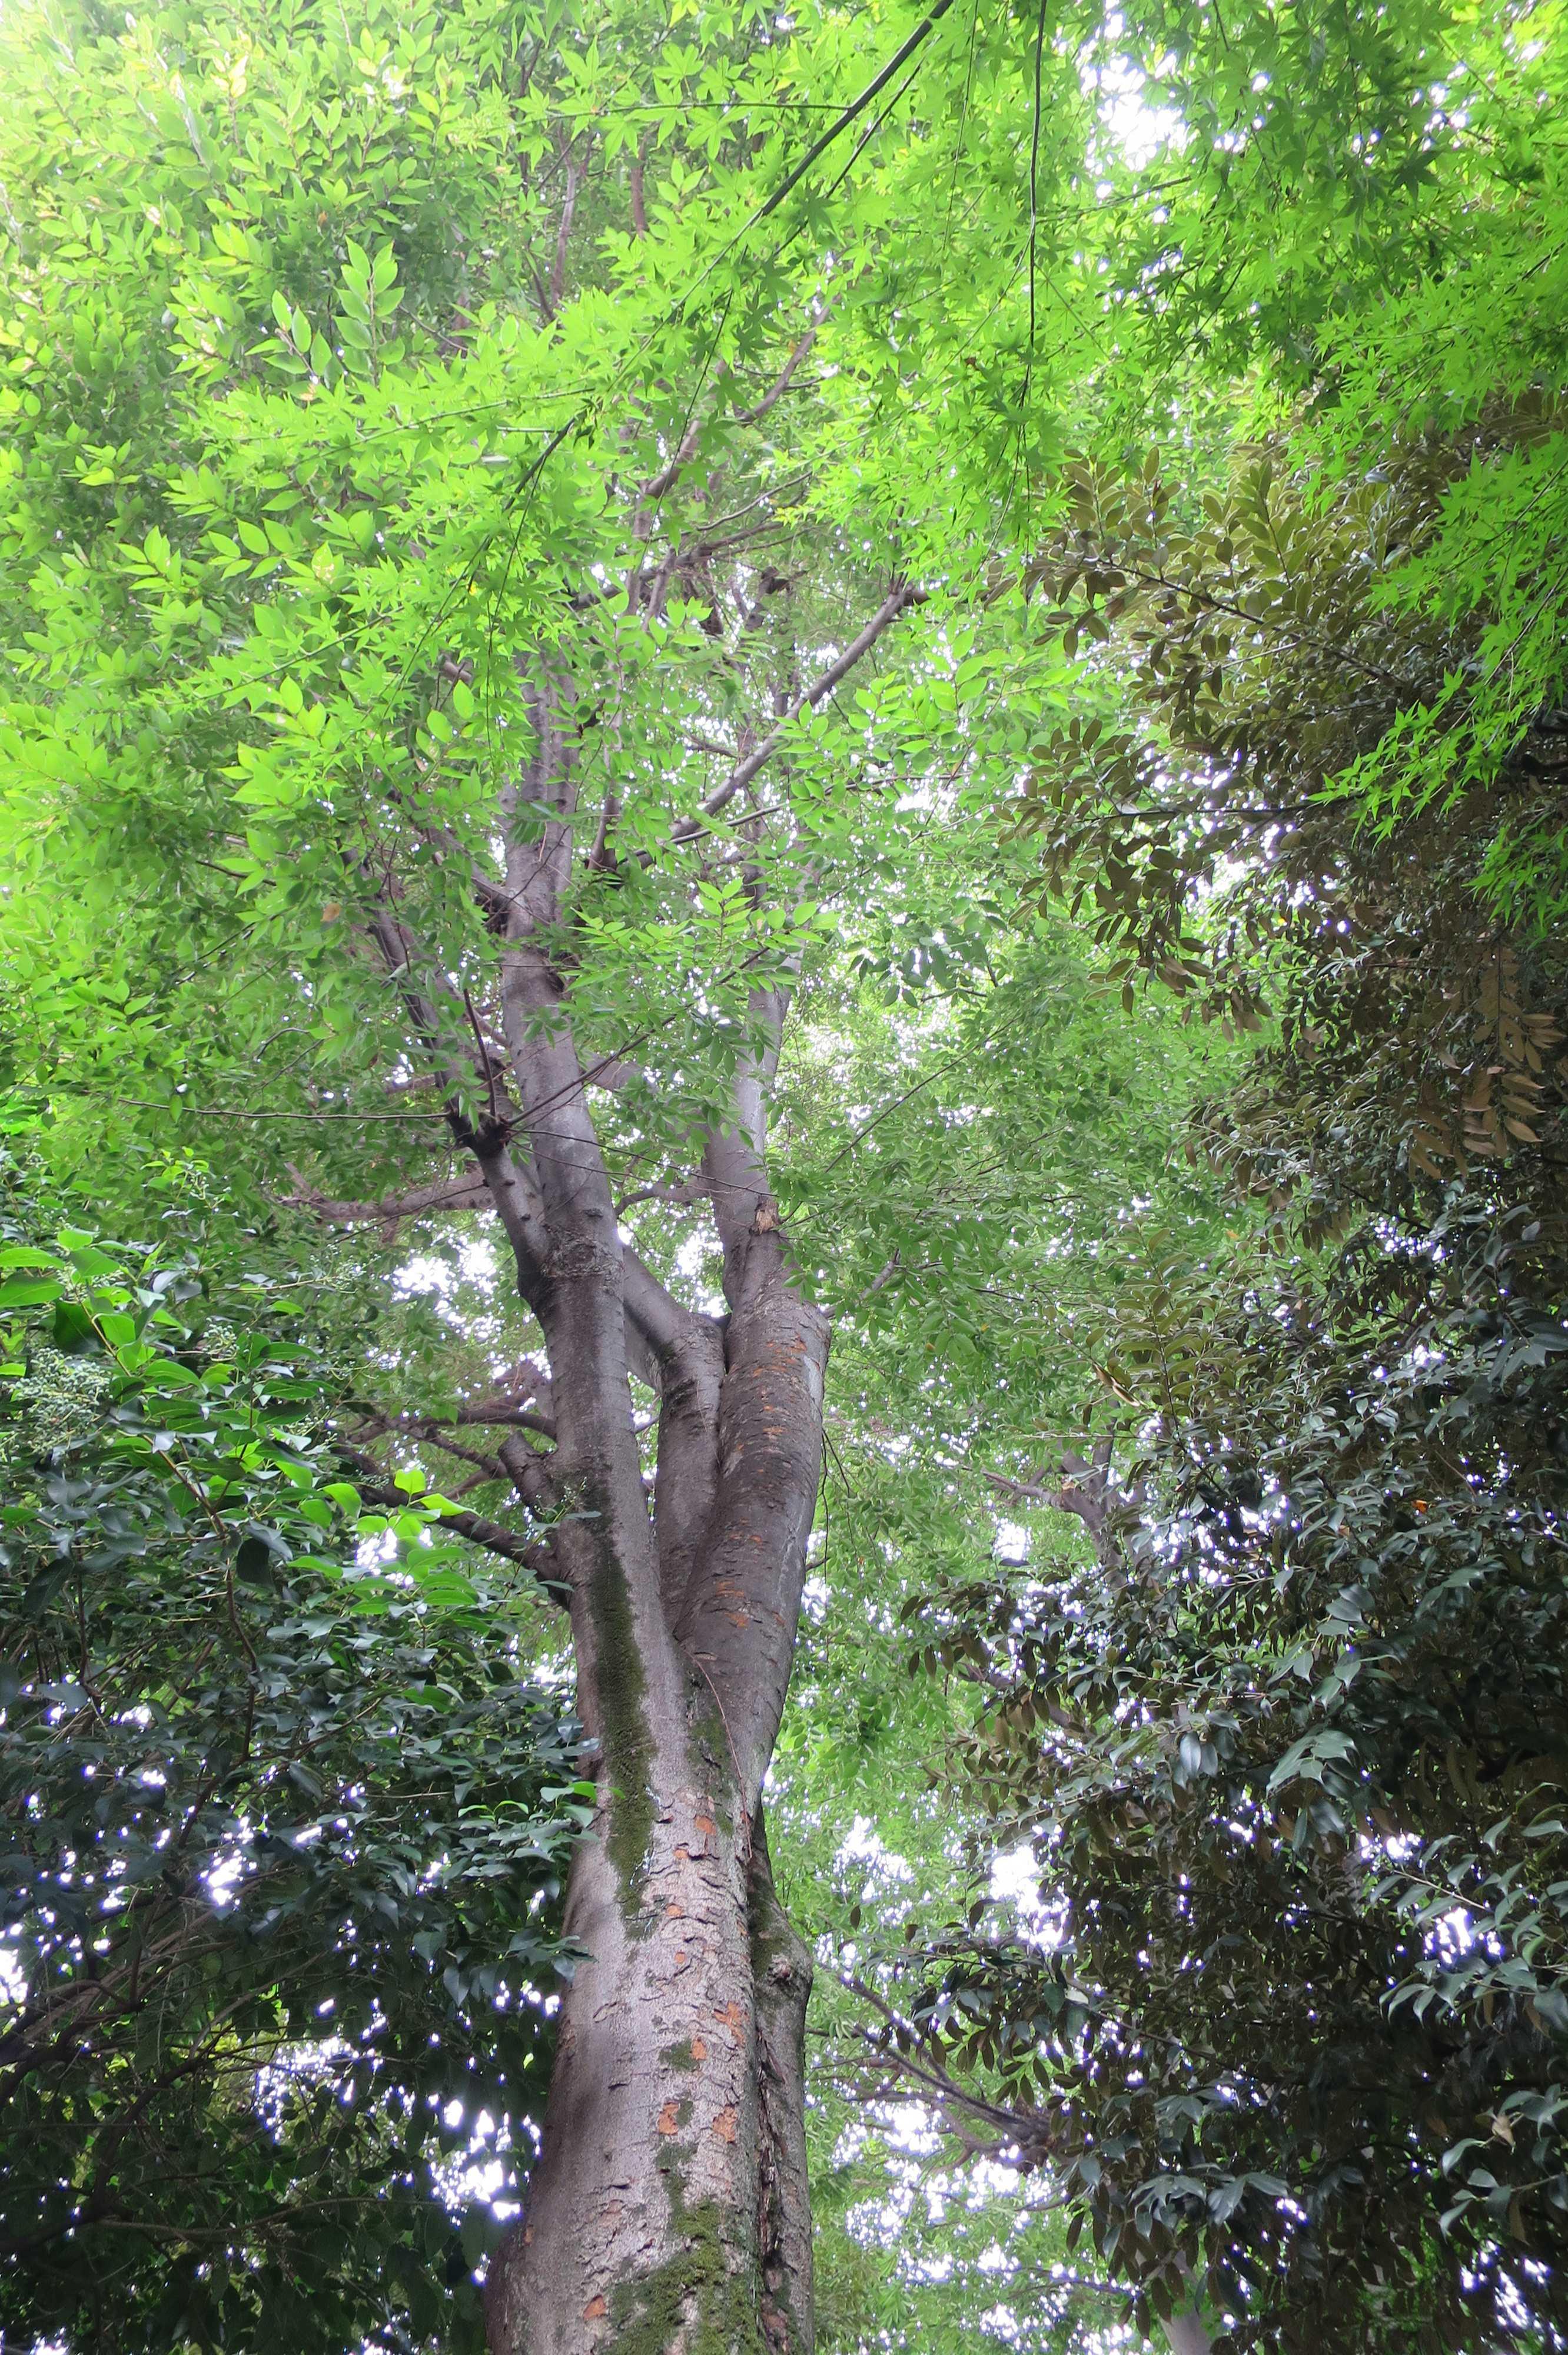 弁財天(上神明天祖神社)の森